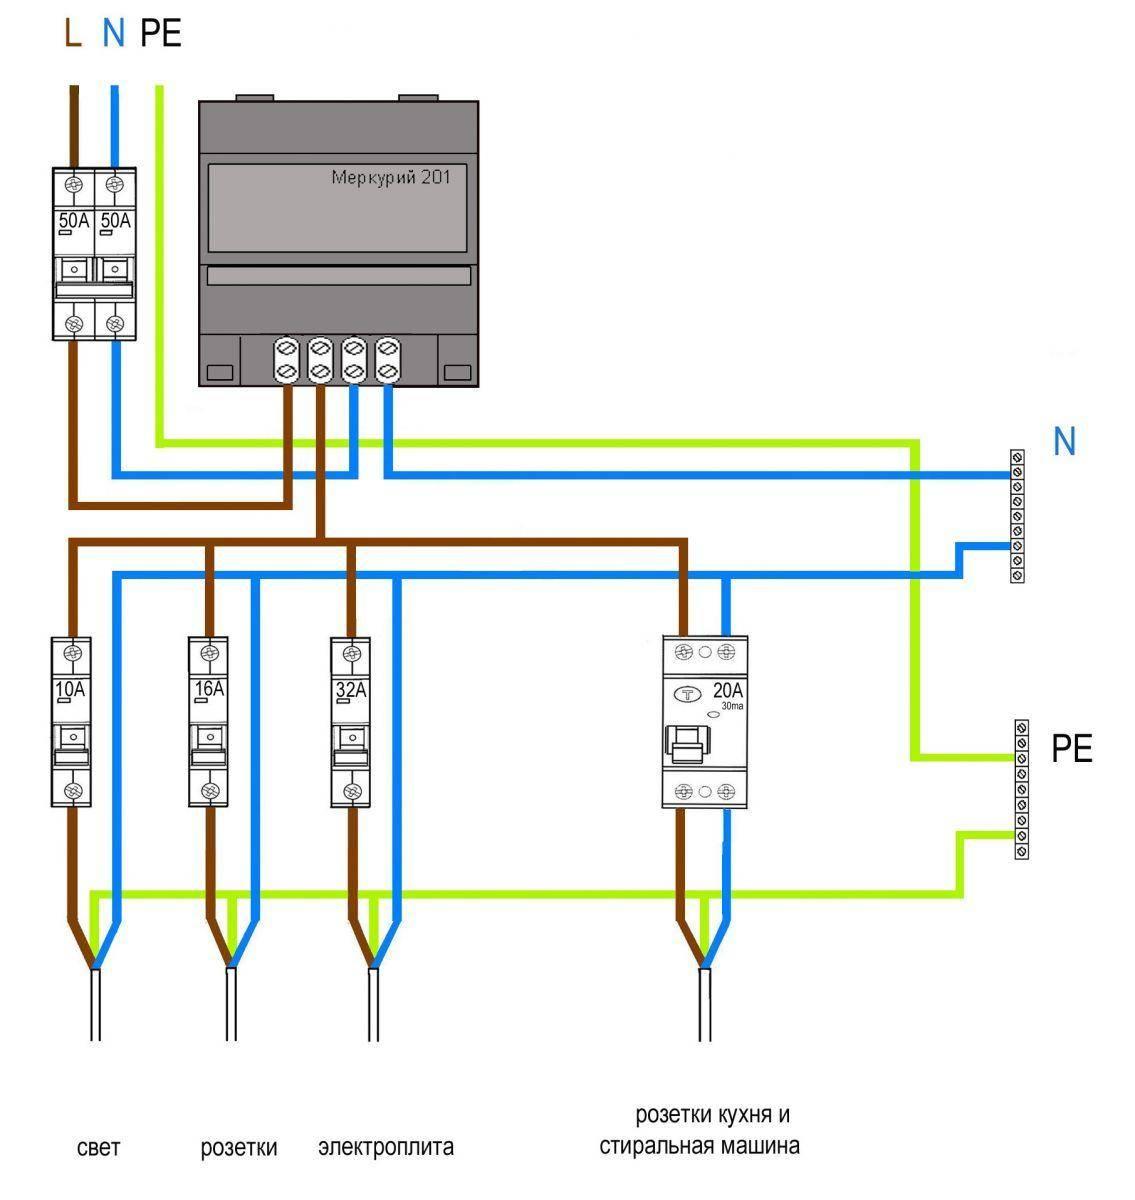 Как установить трехфазный счетчик электроэнергии своими руками - жми!